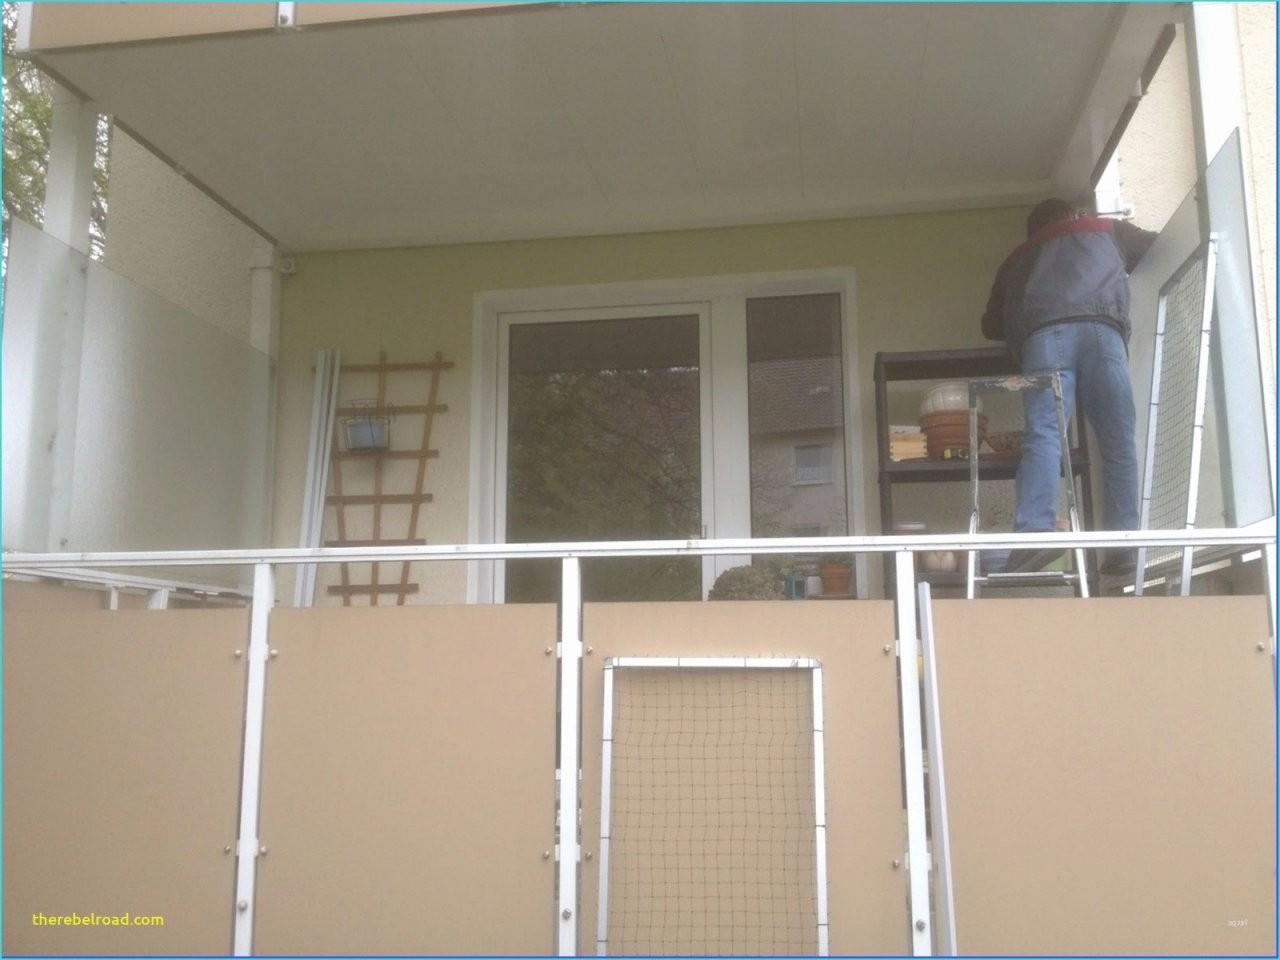 Balkon Regenschutz Ohne Bohren New 39 Design Für Windschutz Balkon von Windschutz Für Balkon Ohne Bohren Photo